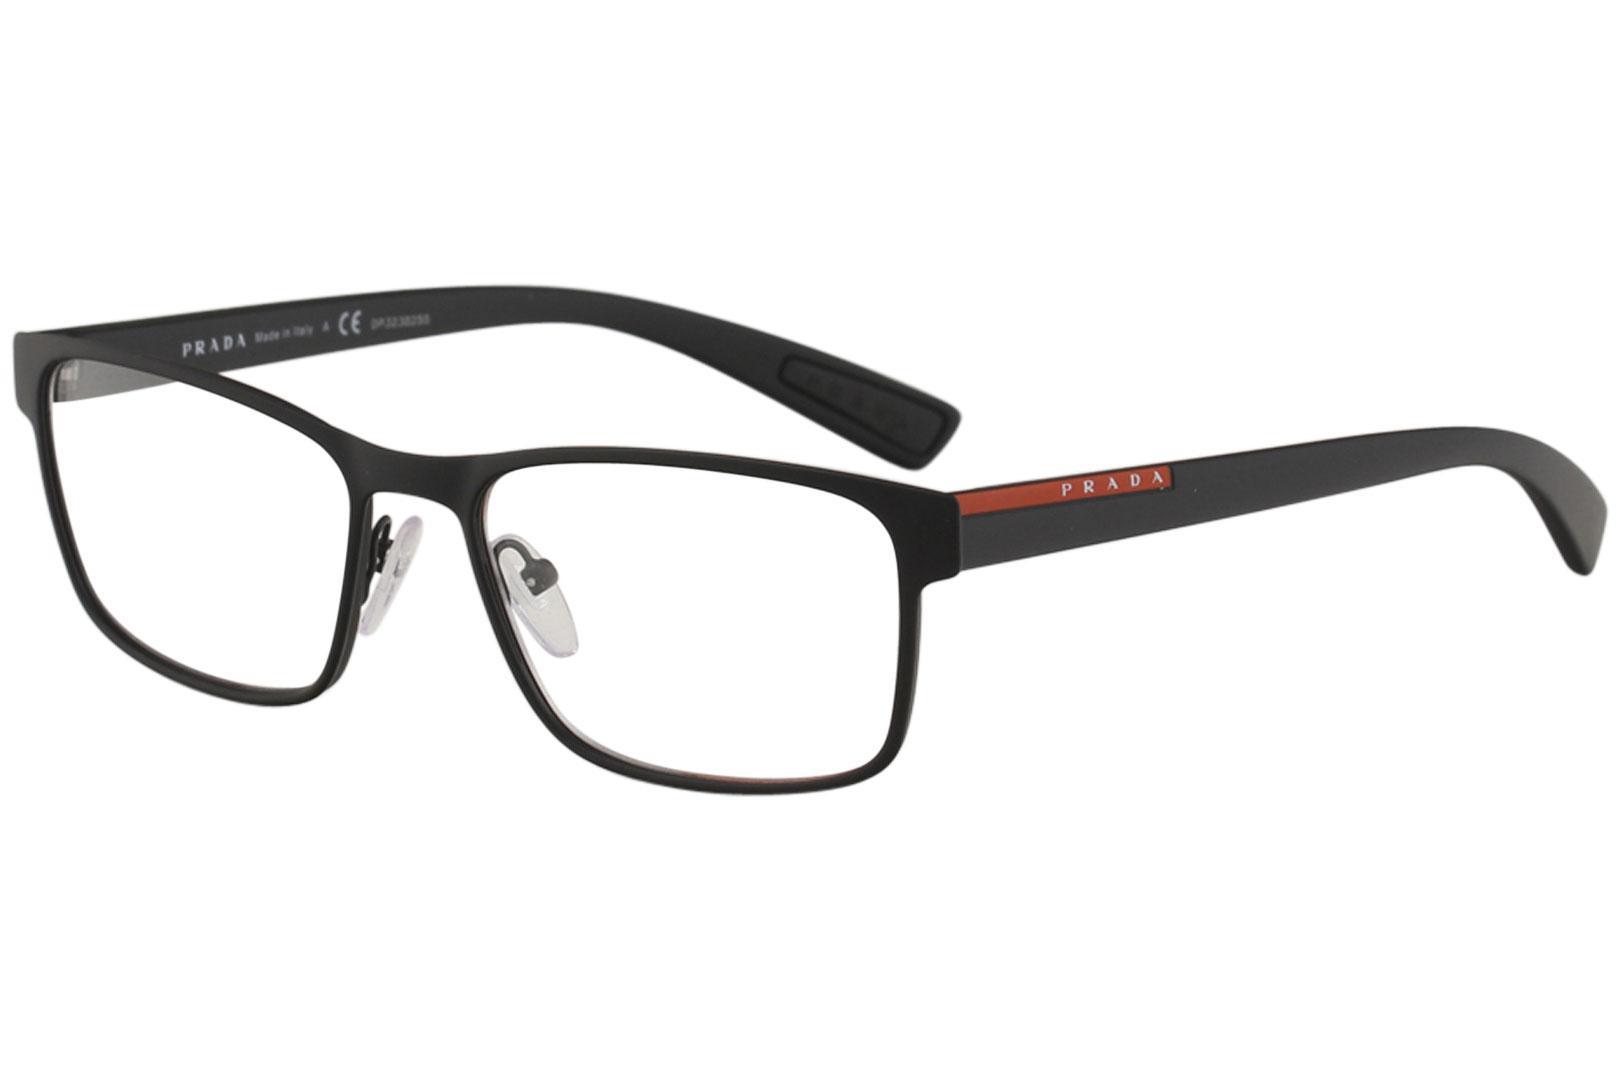 6bd6c103bf ... usa prada linea rossa mens eyeglasses vps50g vps 50g full rim optical  frame 0e8de f7e53 new ...